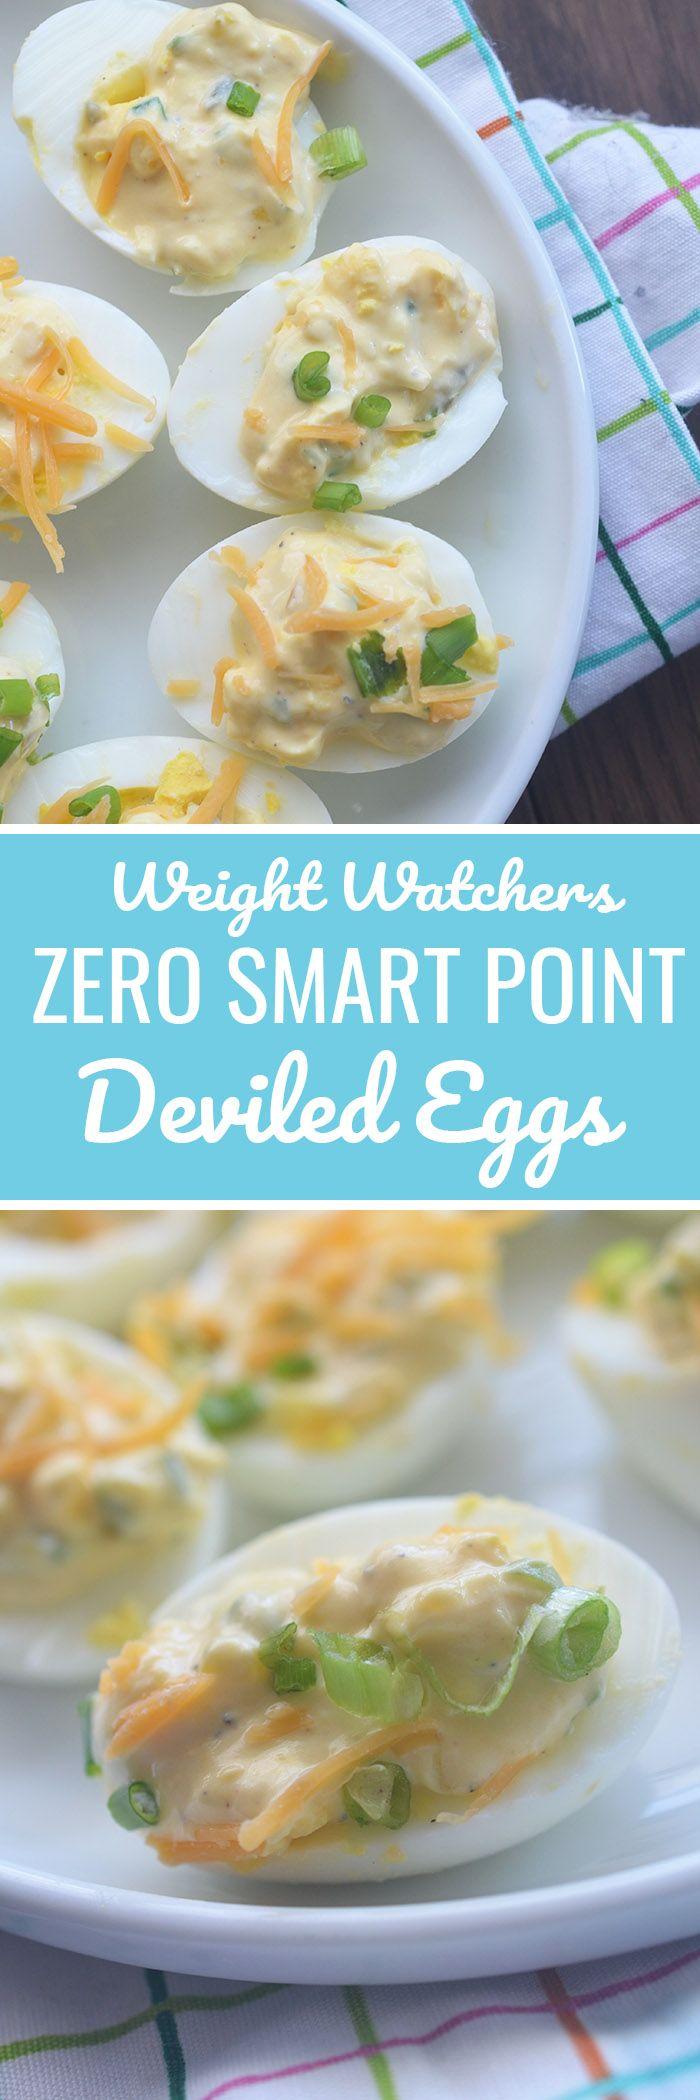 Weight Watchers Deviled Eggs - Recipe Diaries #eggs #weightwatchers #healthysnacks #greekyogurtr